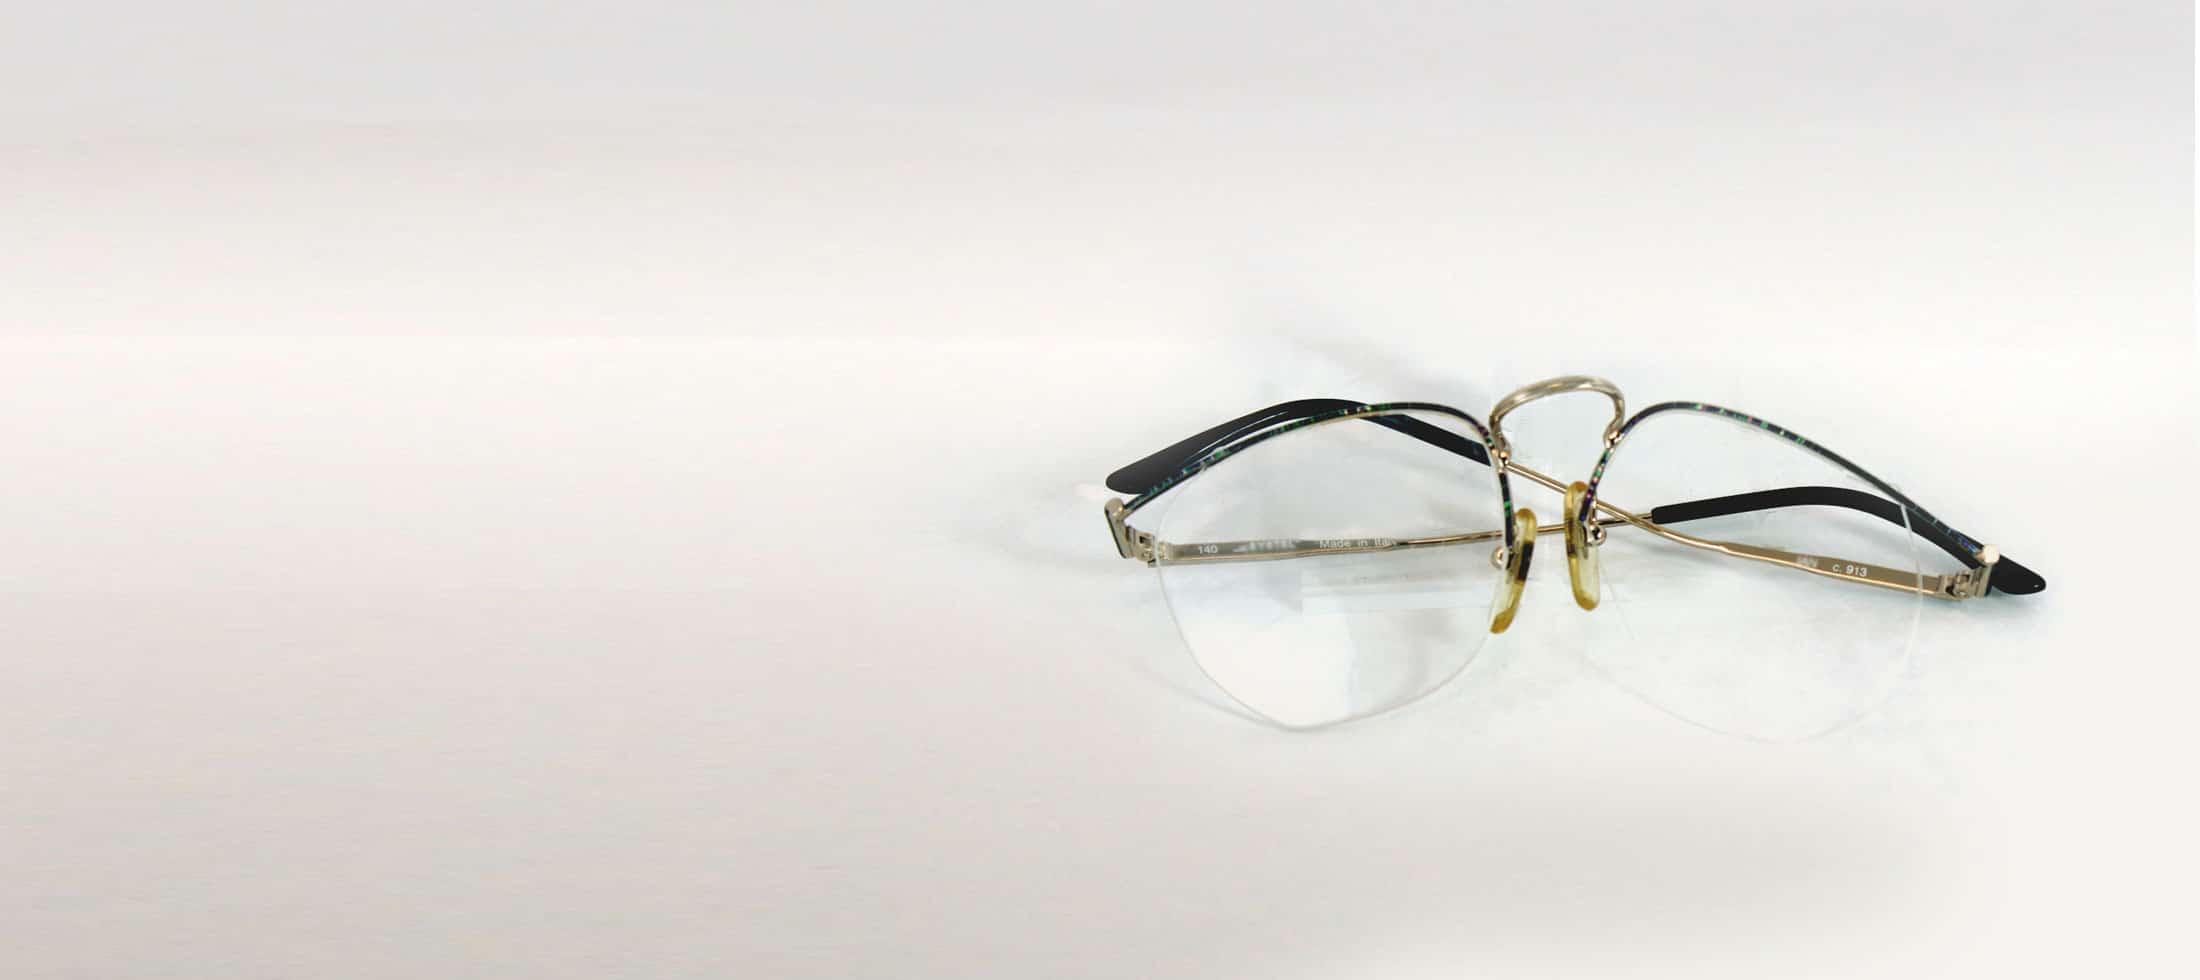 Fix A Broken Rim Glasses